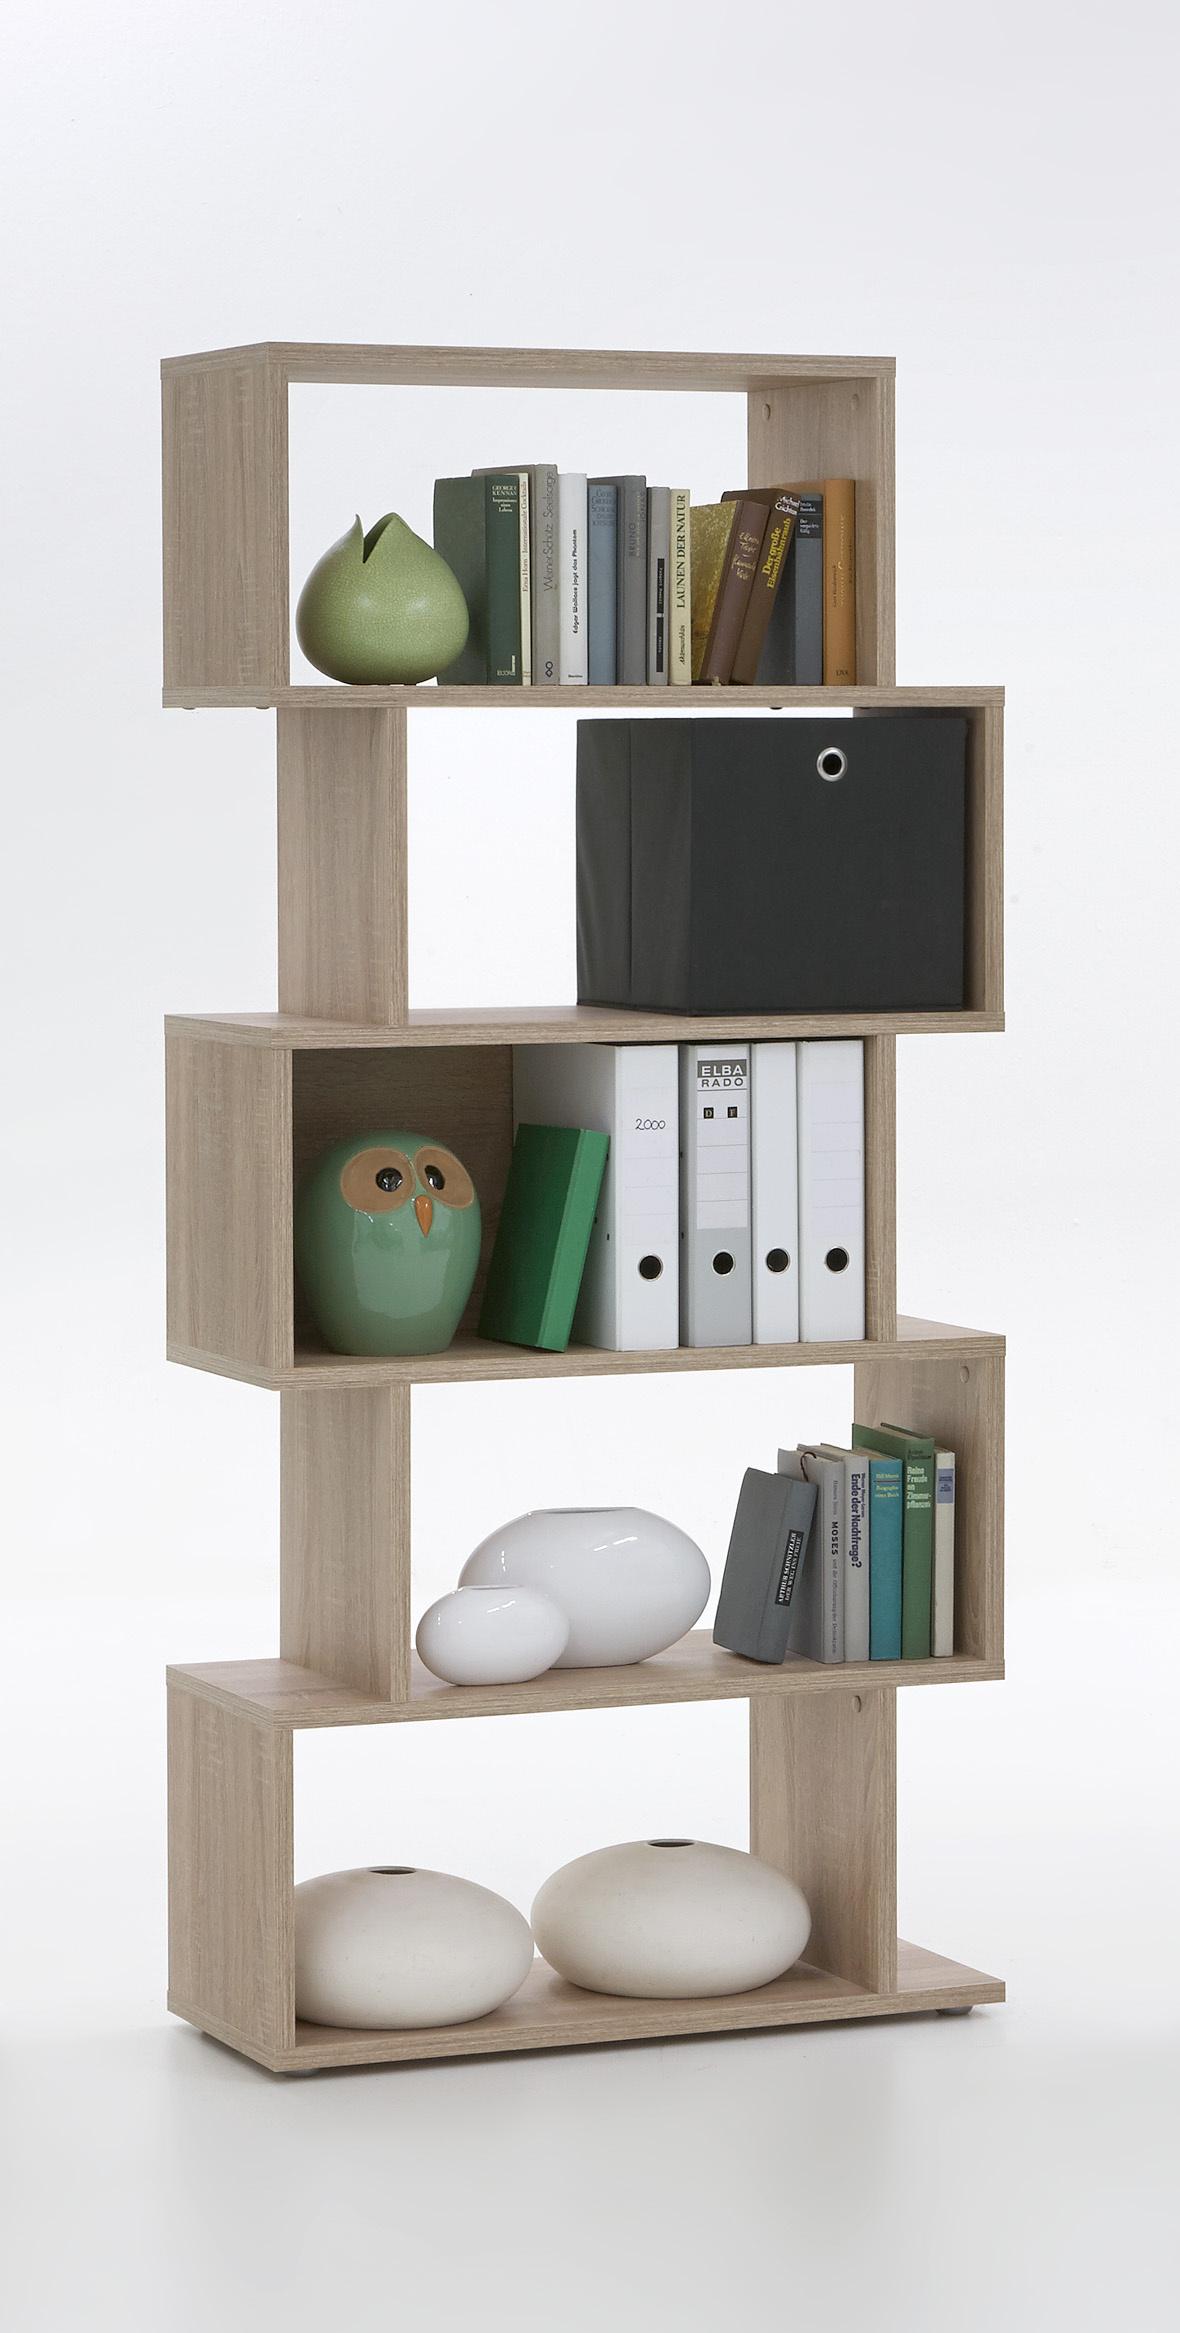 regal kubi aufbewahrung raumteiler sichtschutz trennregal b cherregal standregal ebay. Black Bedroom Furniture Sets. Home Design Ideas